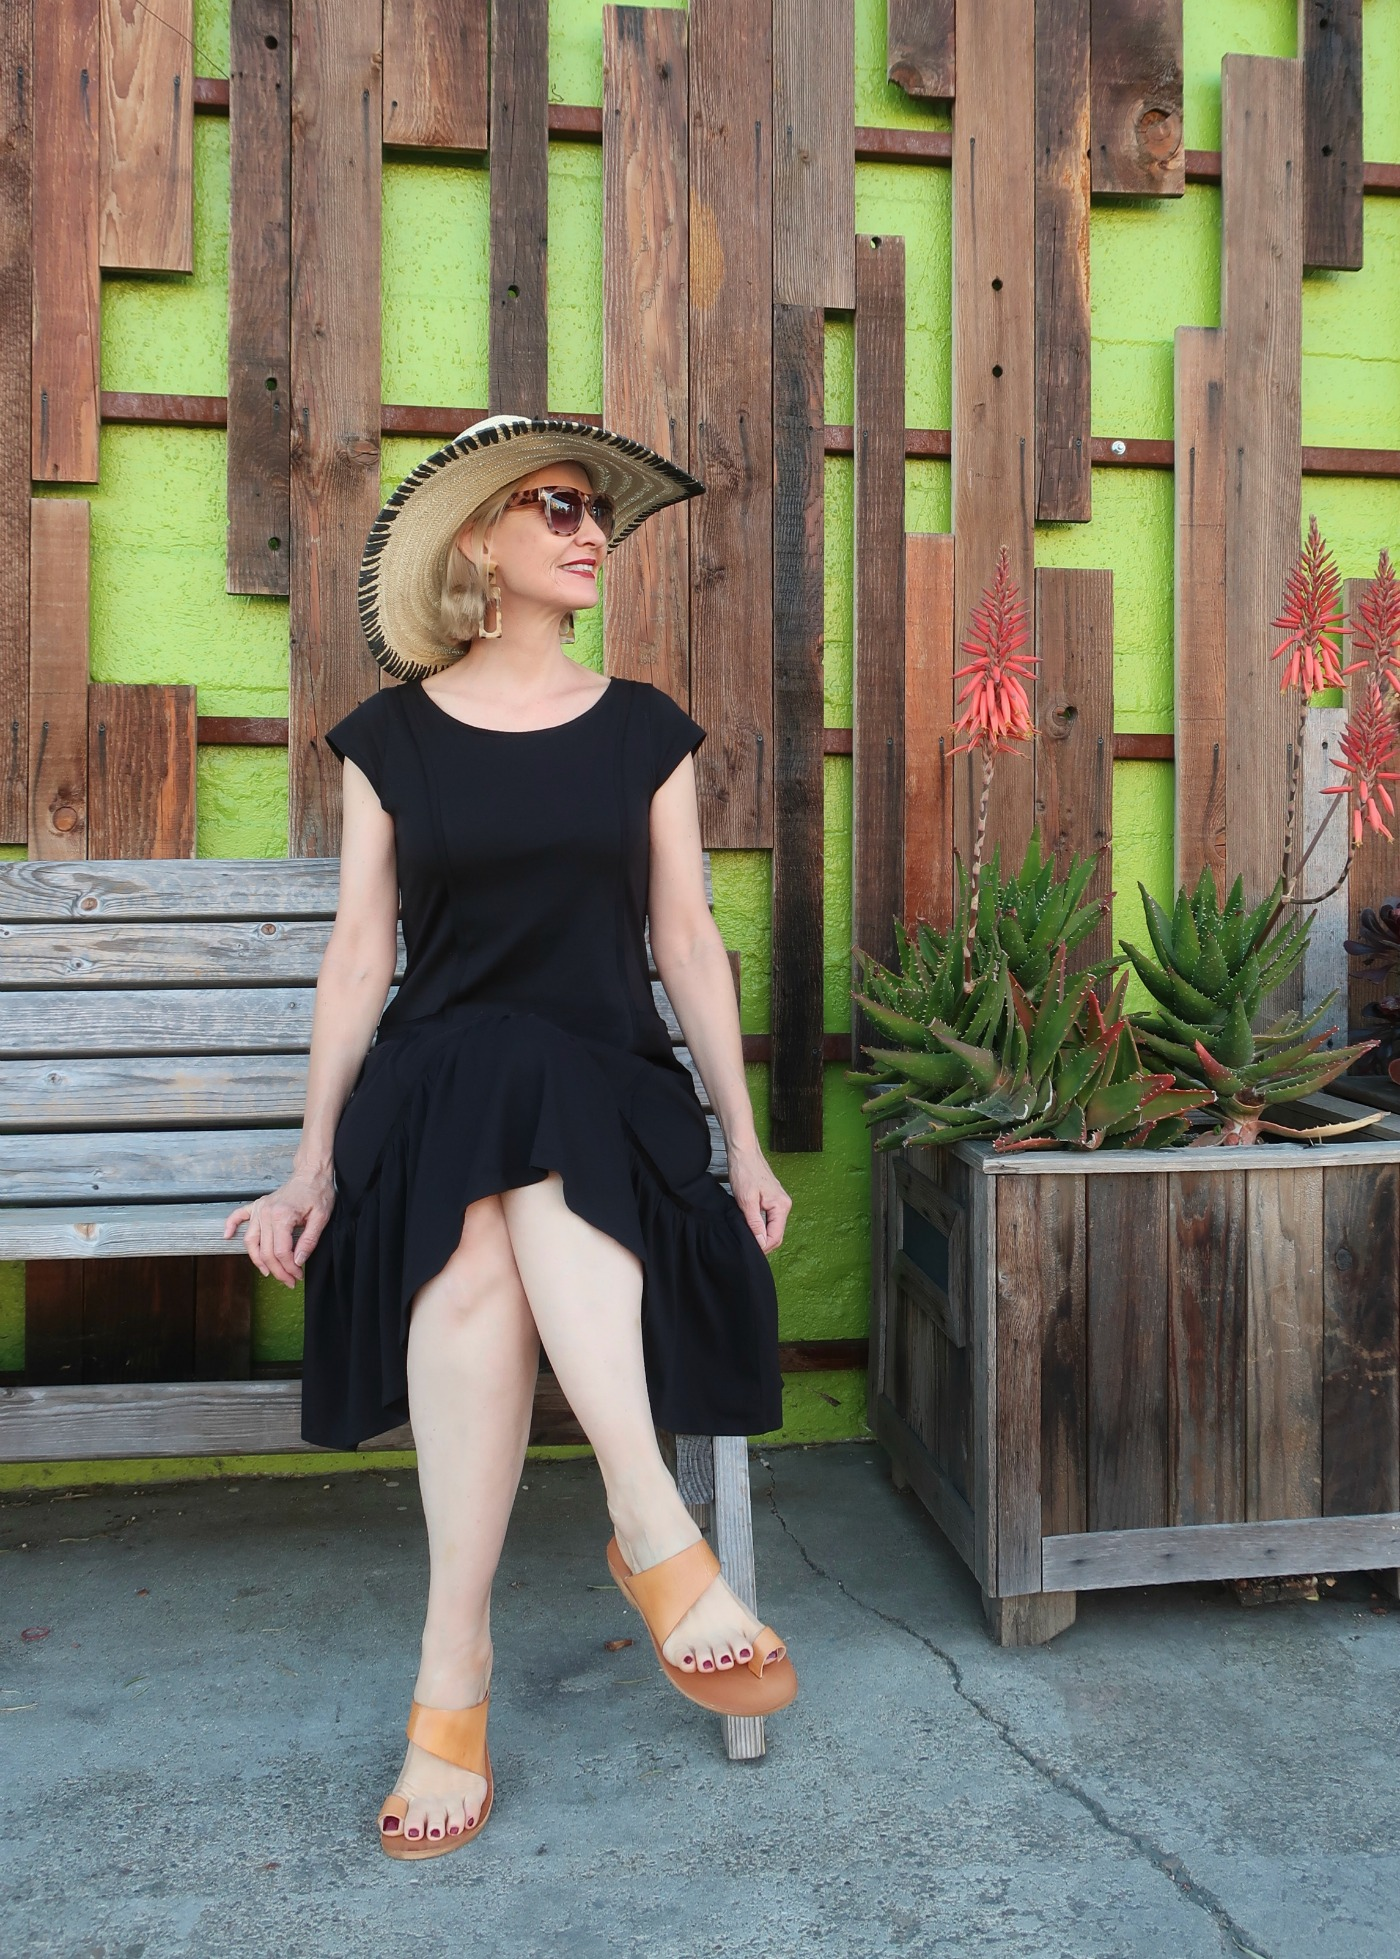 Soft Surroundings blogger picks for summer